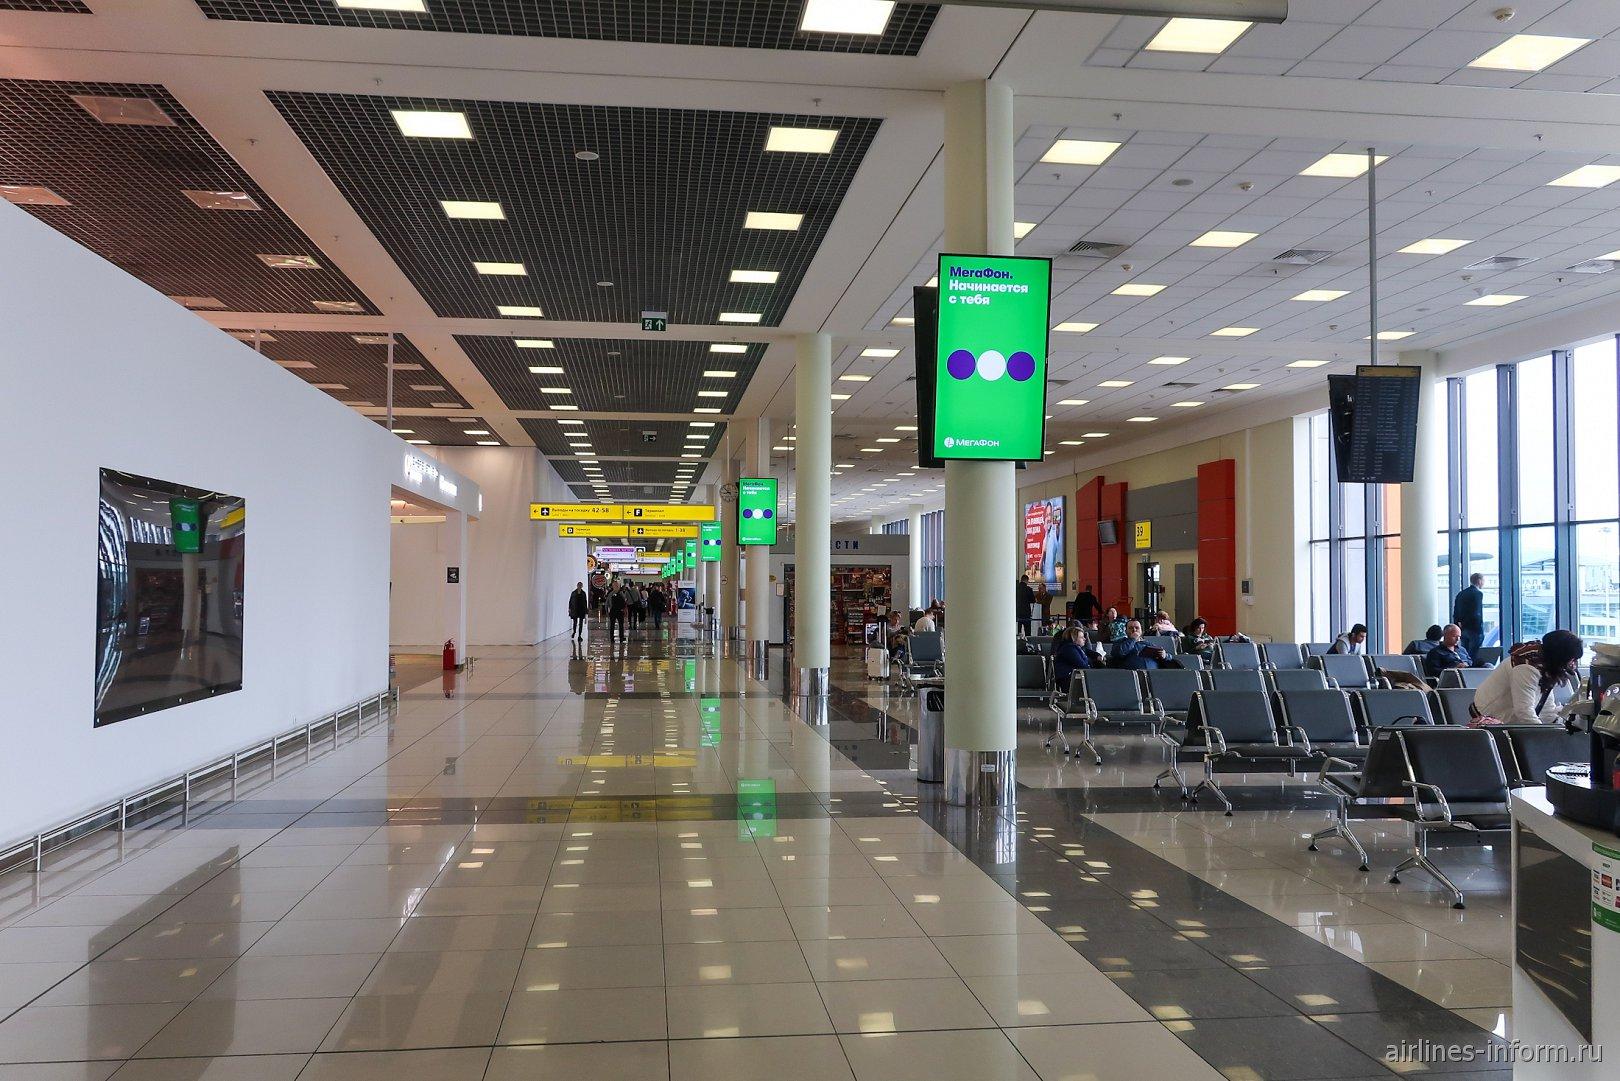 В чистой зоне международных вылетов терминала Е аэропорта Шереметьево